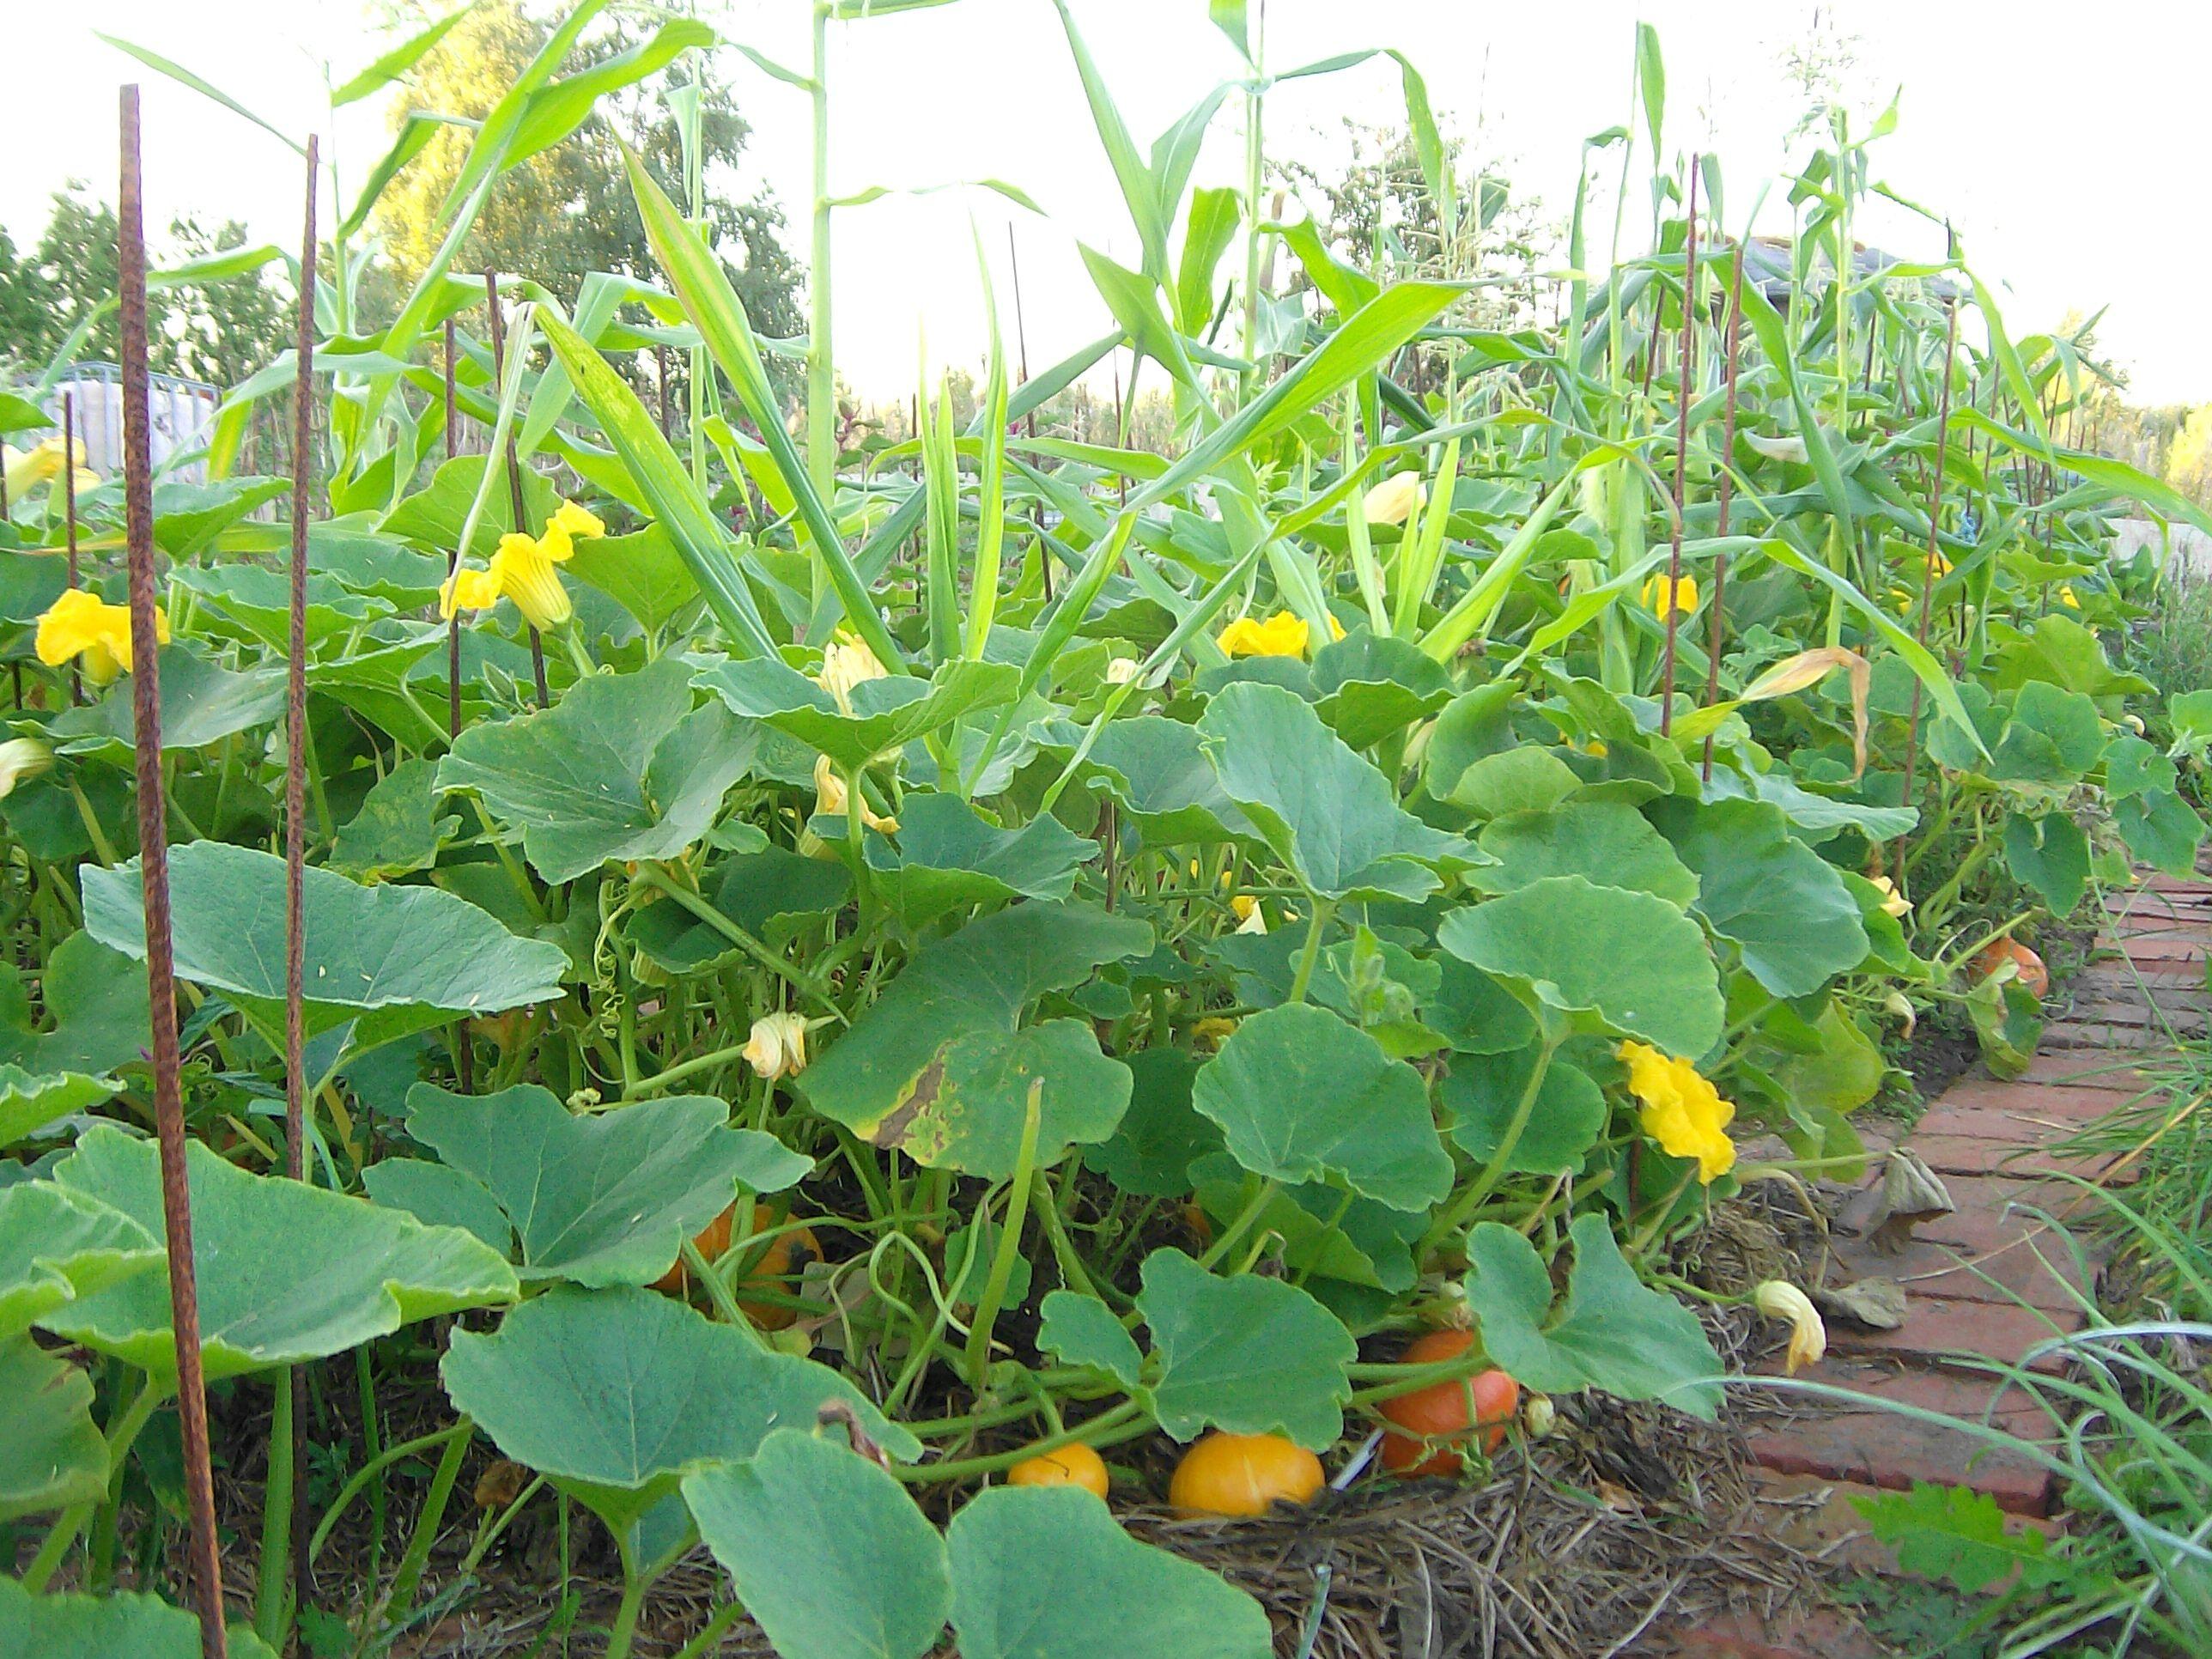 Mais k rbis intercropping allmende e v for Asociacion de plantas en el huerto